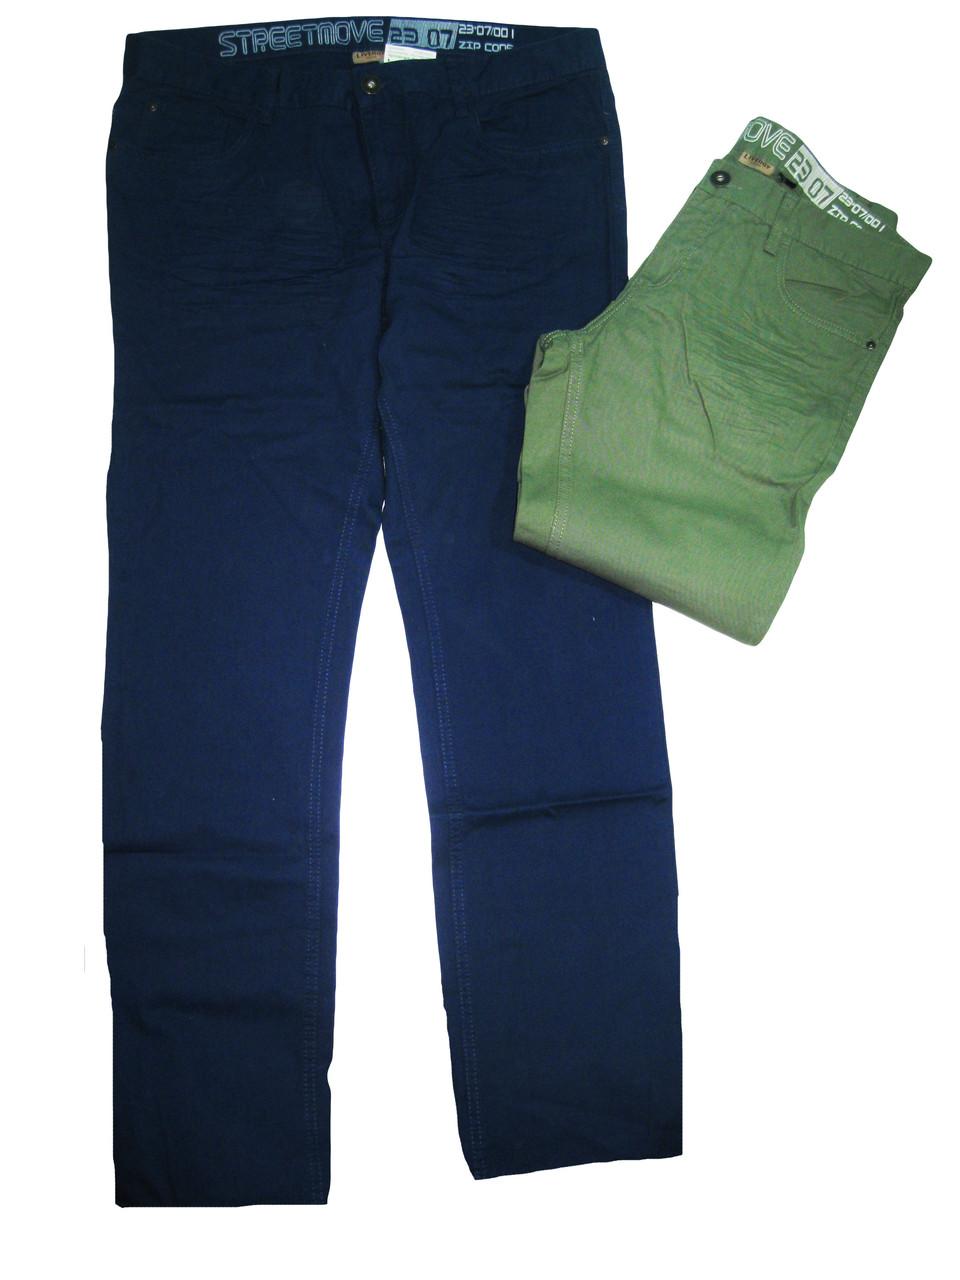 Брюки мужские джинс-котон, LIVERGY, размеры  54, арт. М-196